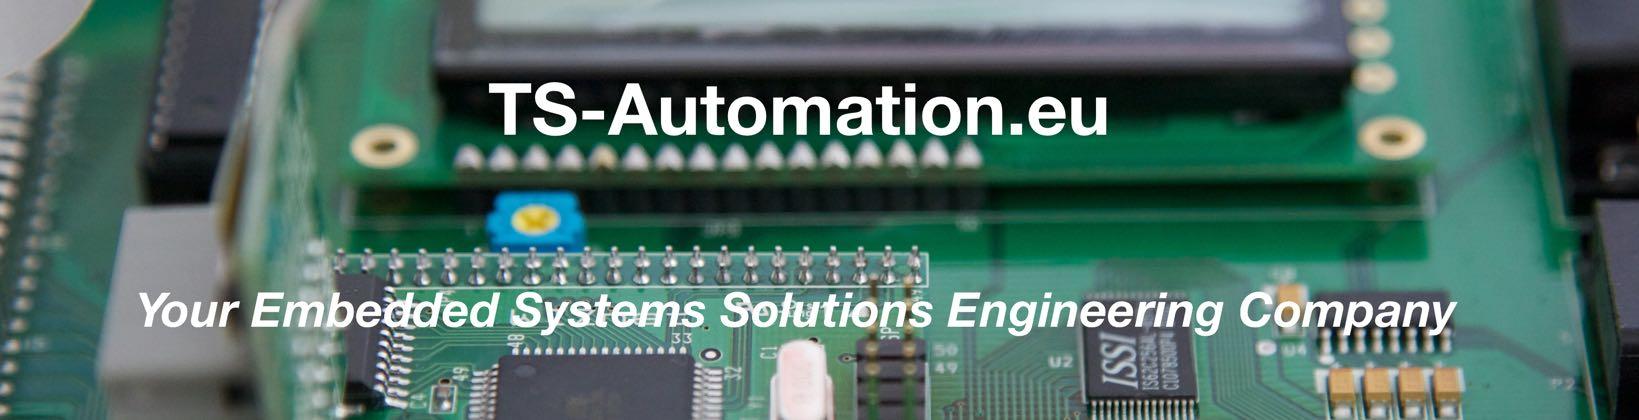 TS-Automation.eu